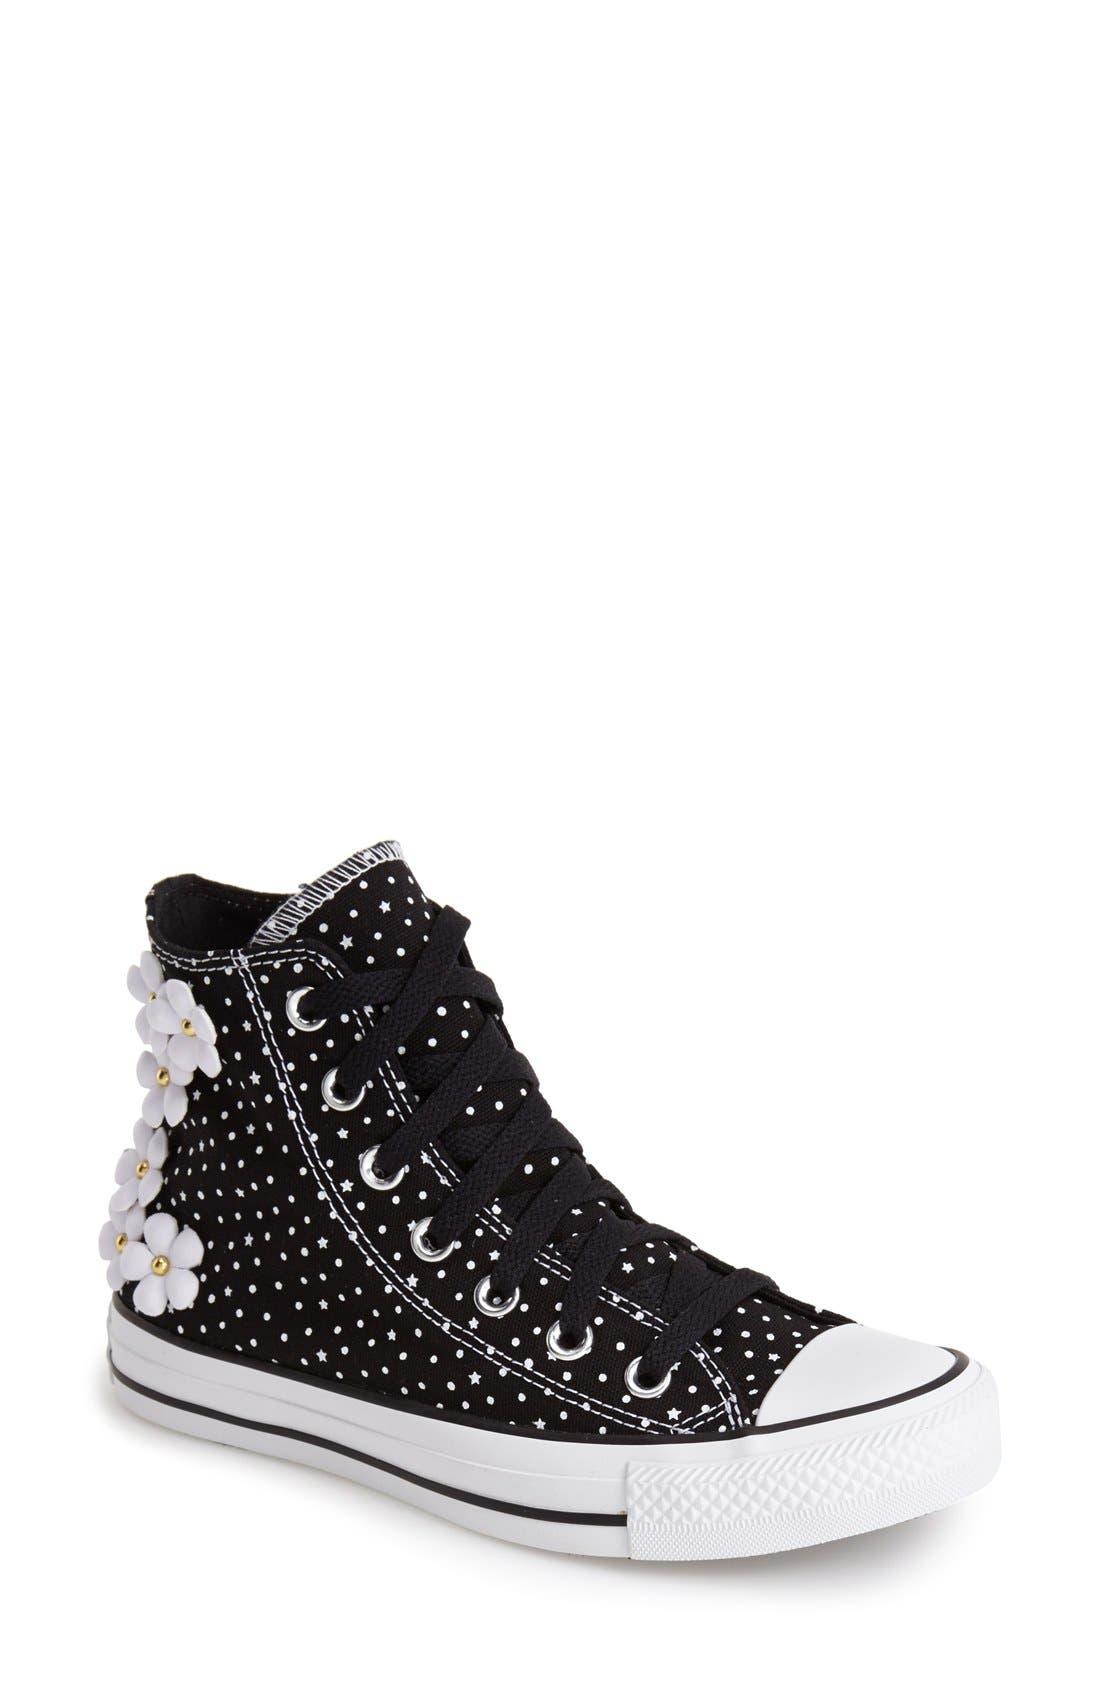 Main Image - Converse Chuck Taylor® All Star® 'Floral Polka Dot' High